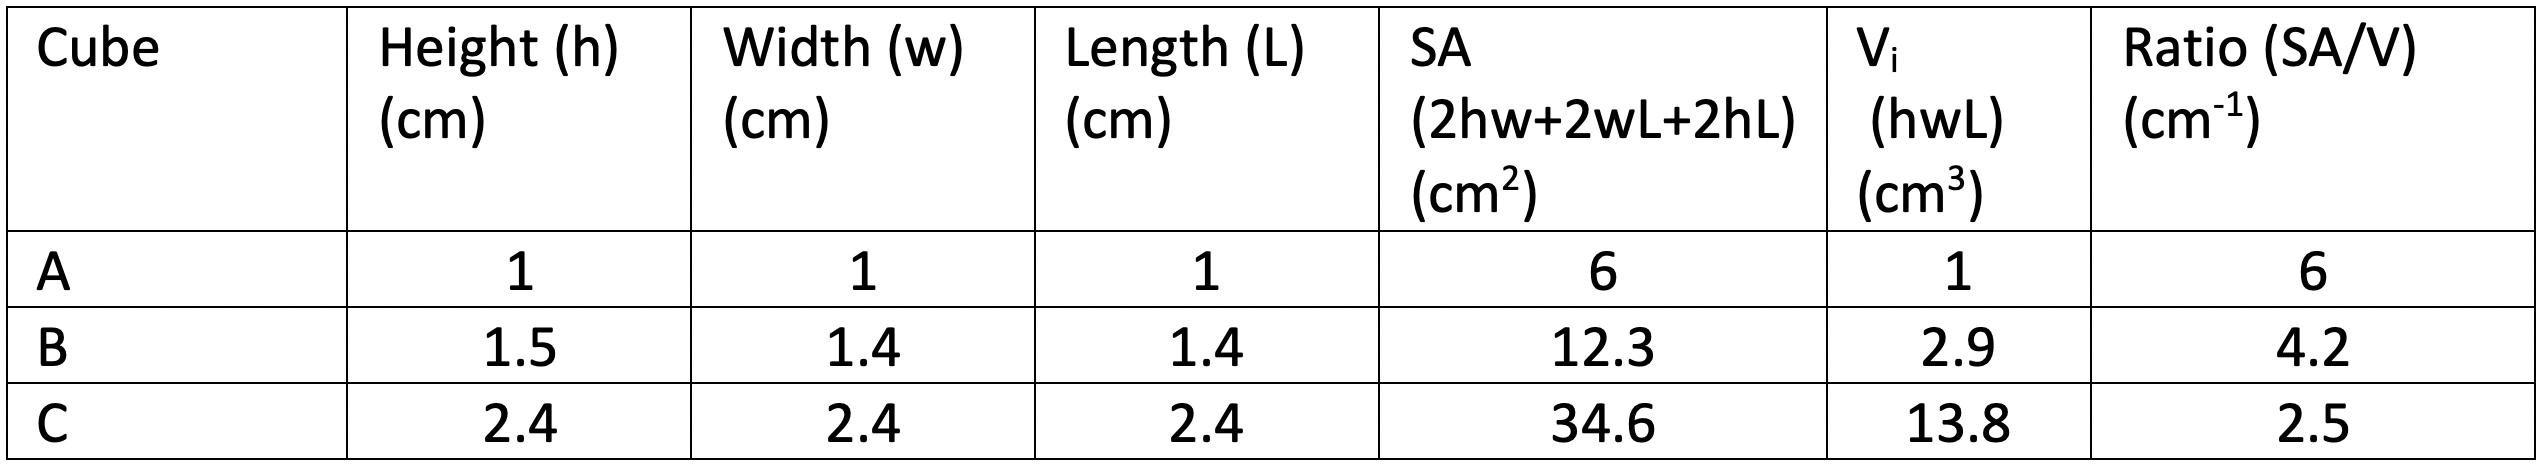 bio-p-cel-y11-12-14-img1s3.png